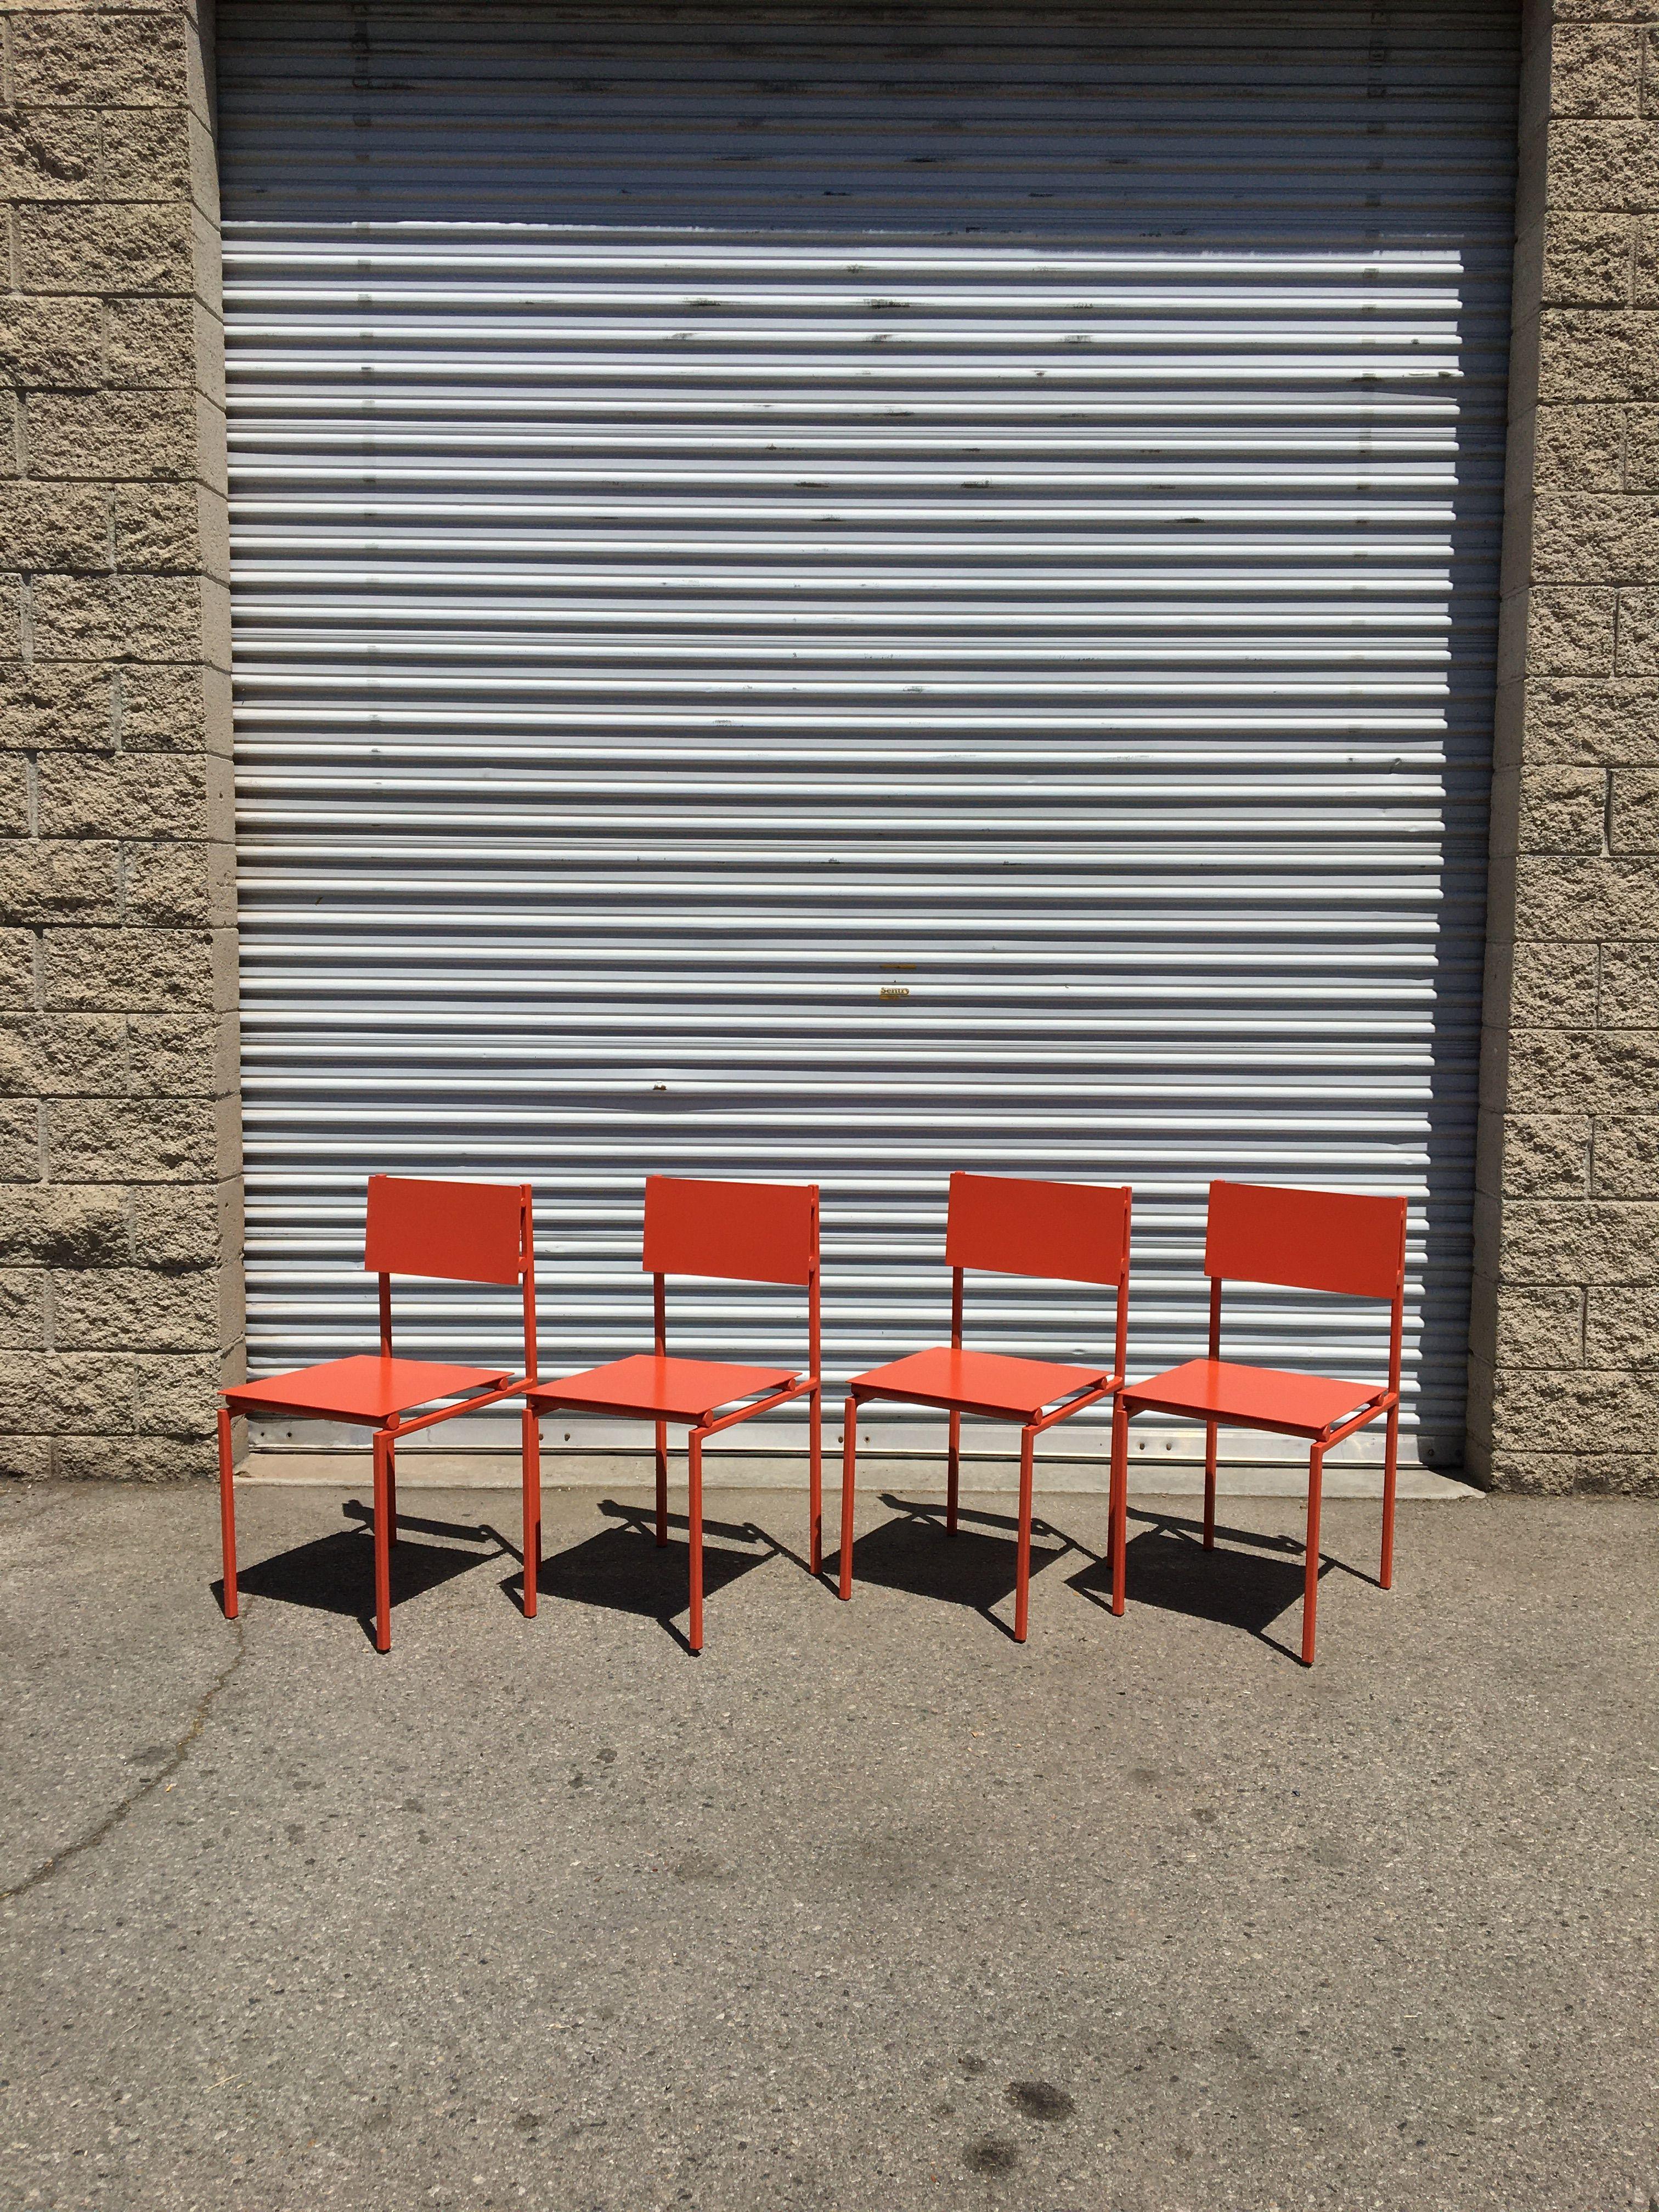 Suspension Metal Set - SIZED LA product image 10